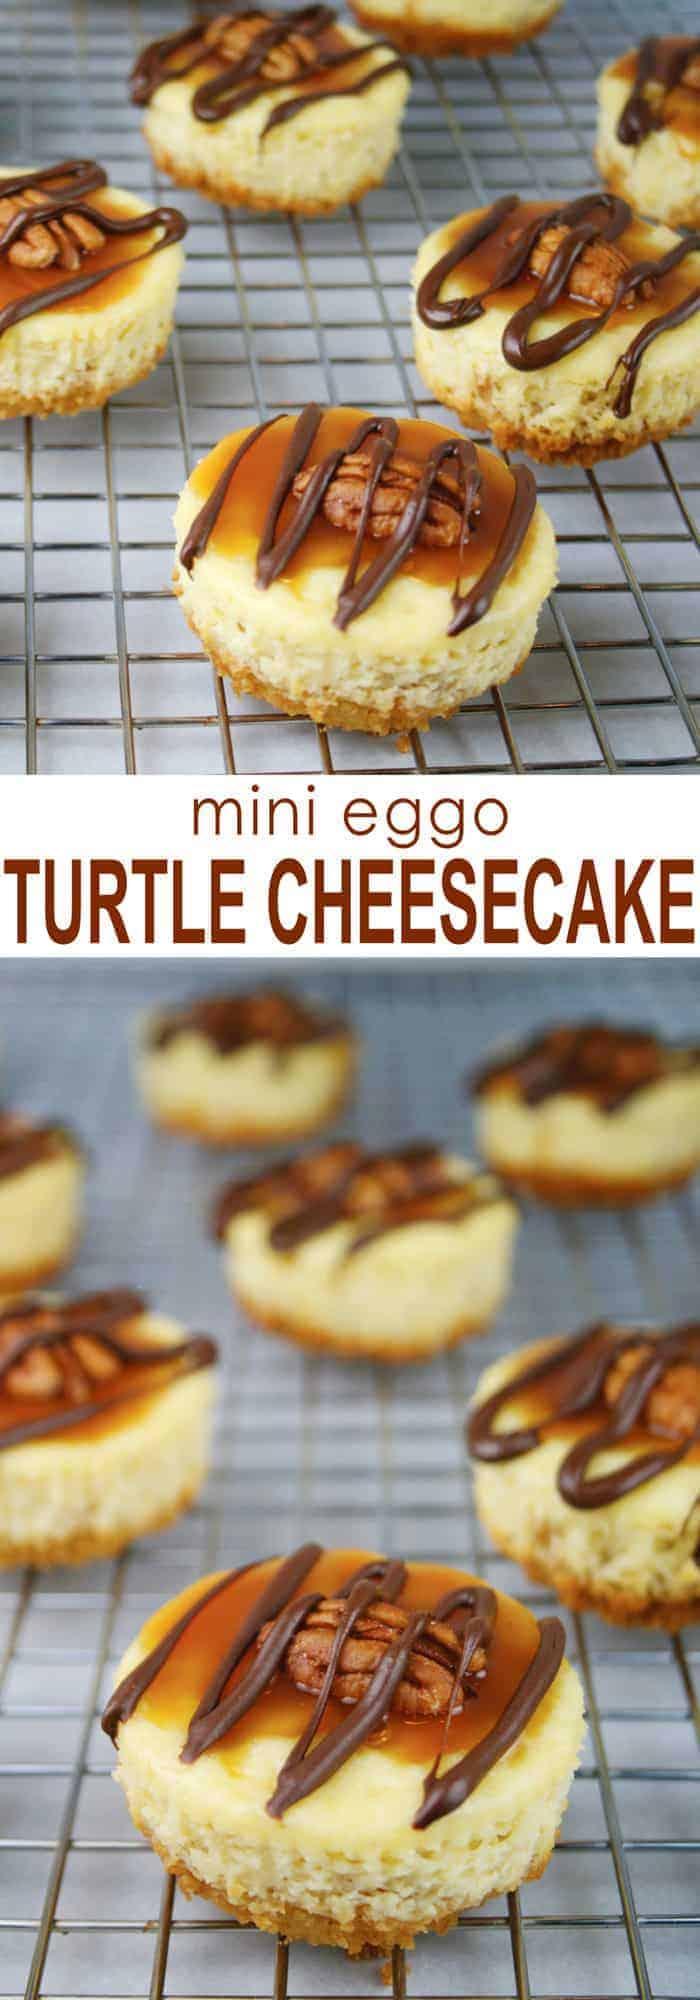 Mini Eggo Turtle Cheesecakes